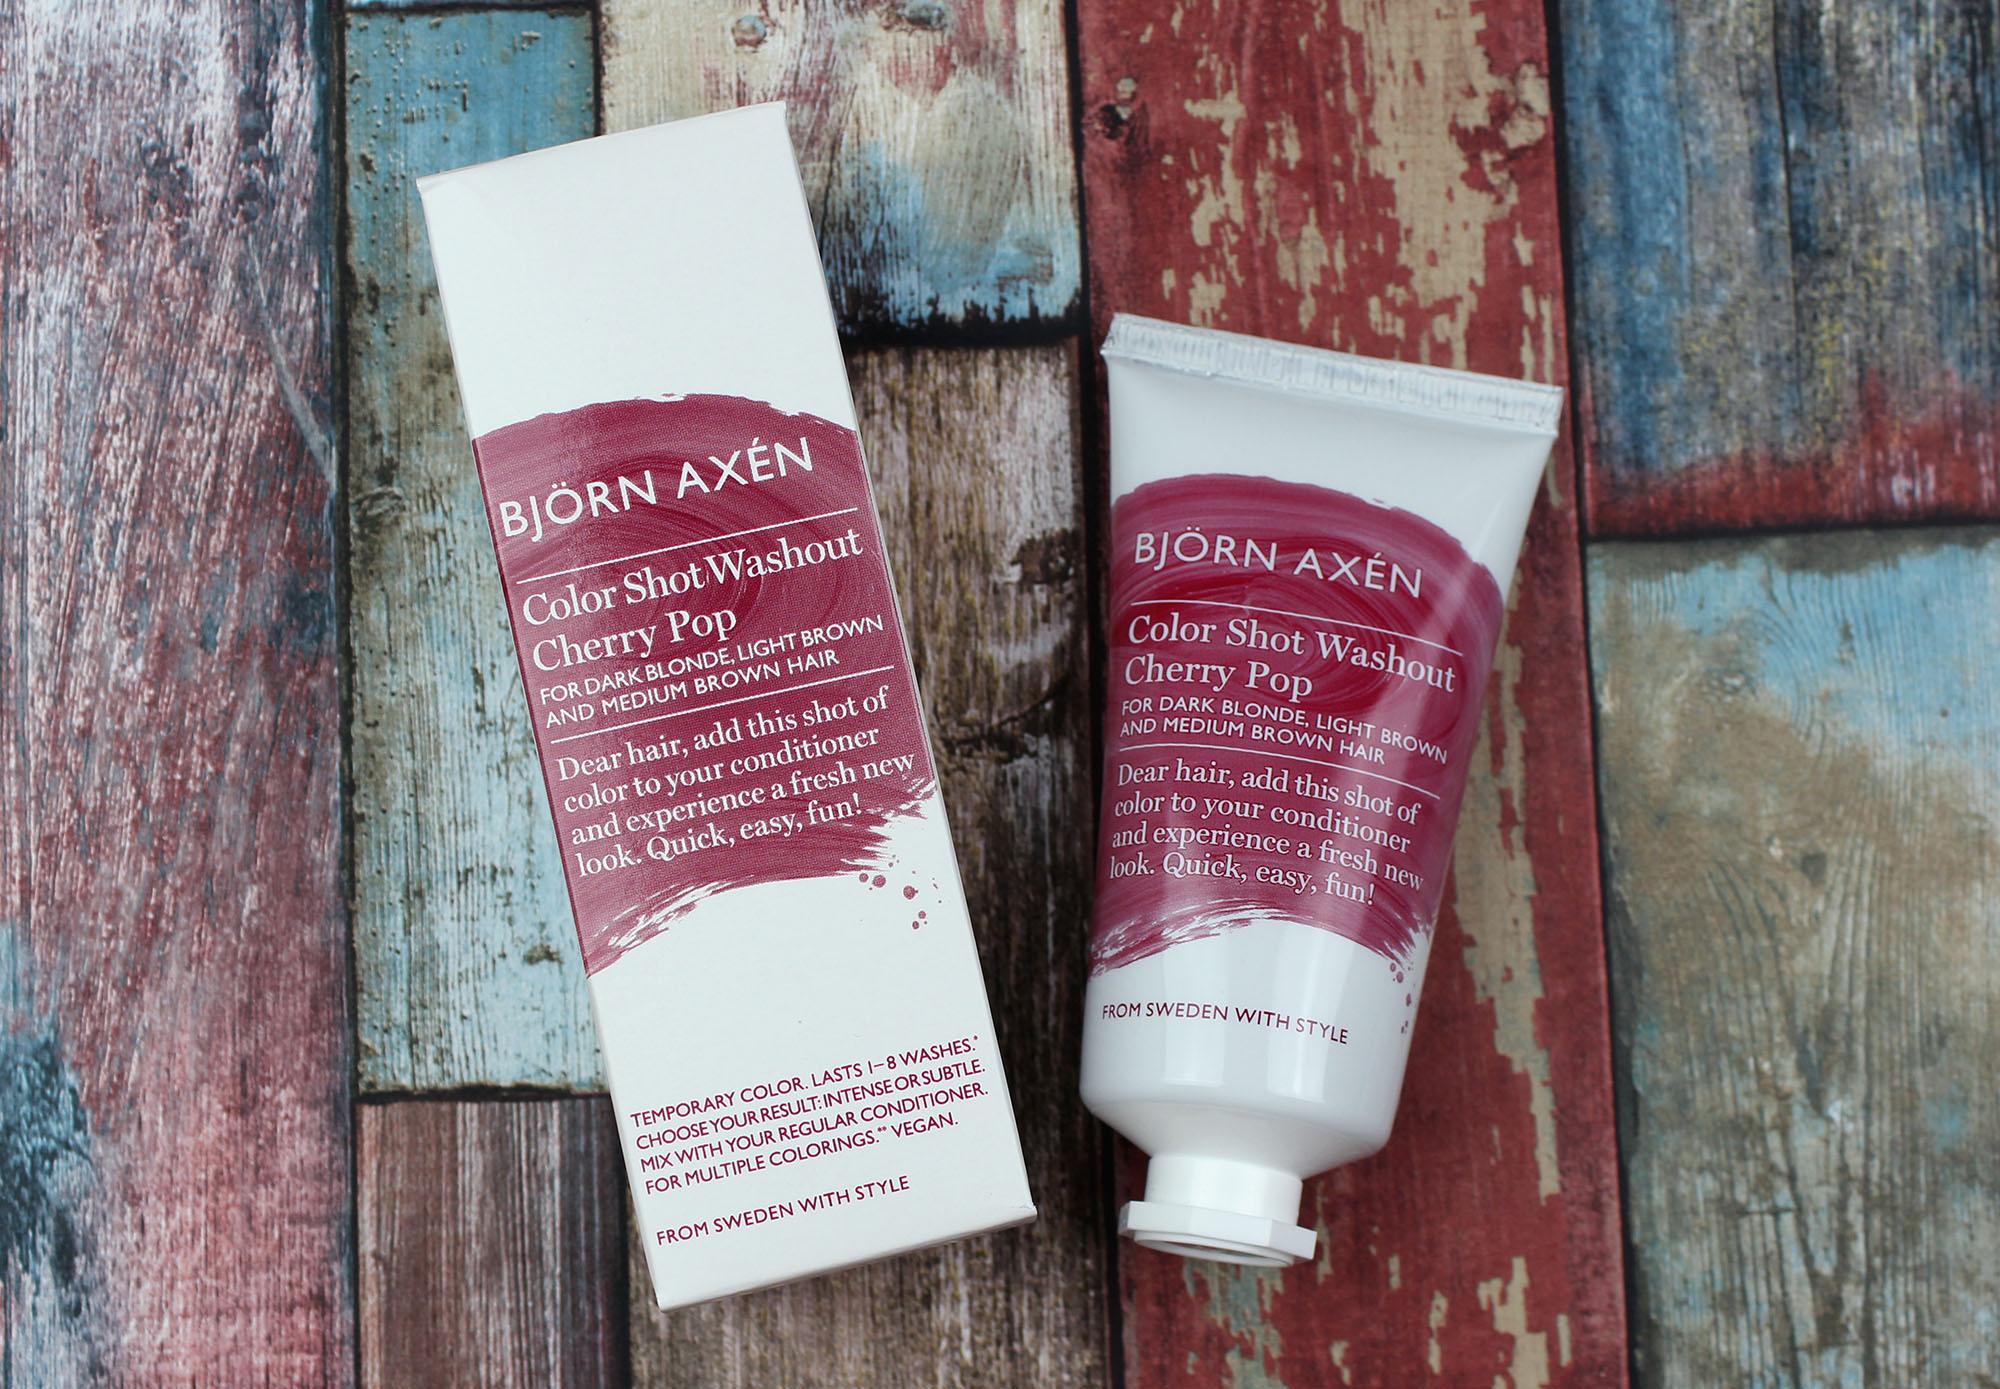 Björn Axen Color shots låter dig alltså byta hårfärg tillfälligt 282e83e0d82e5